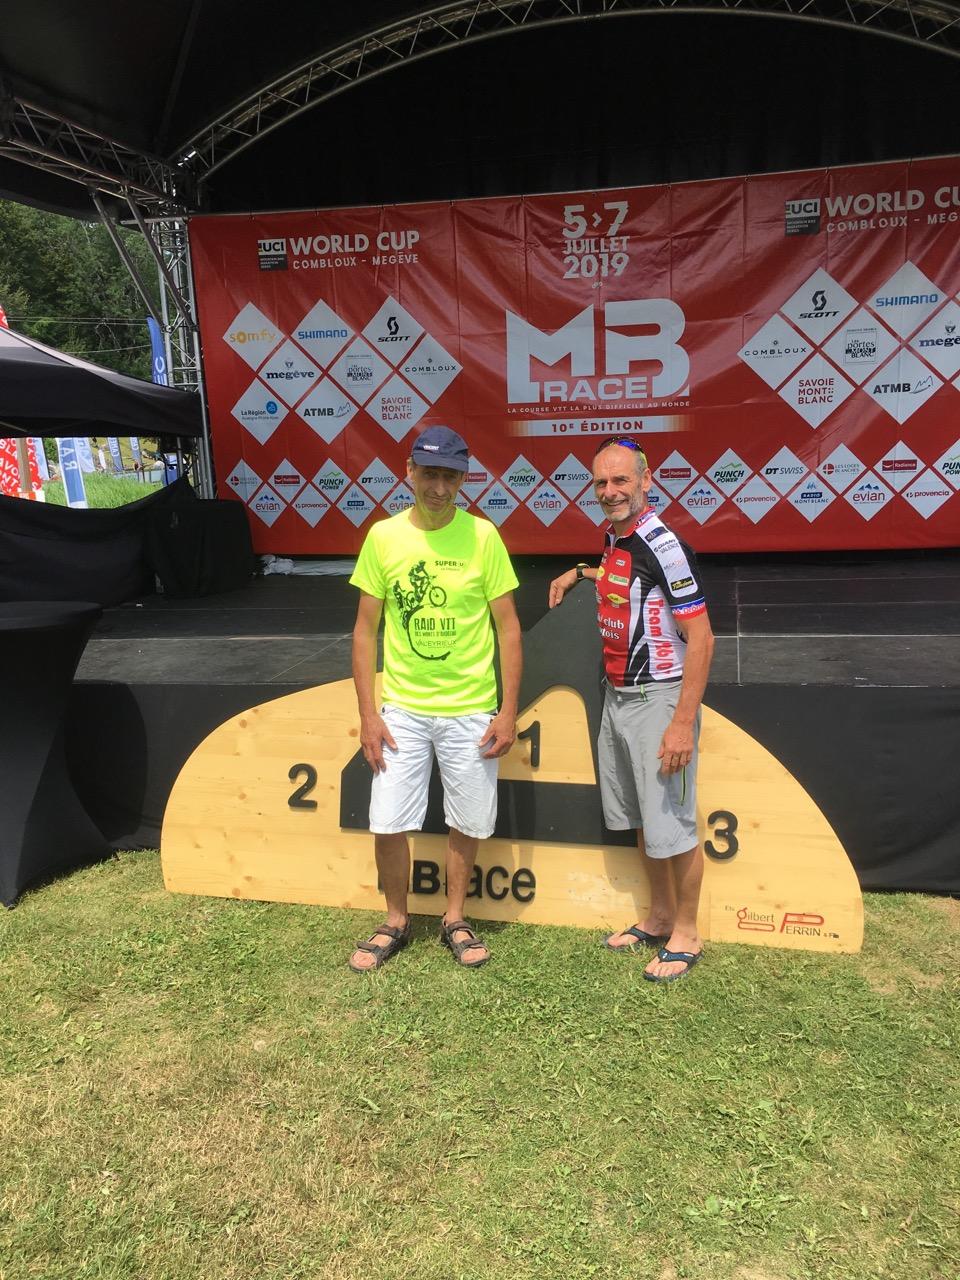 Marc Balaskovic 1er Master 3 sur le 35 km à la MB RACE